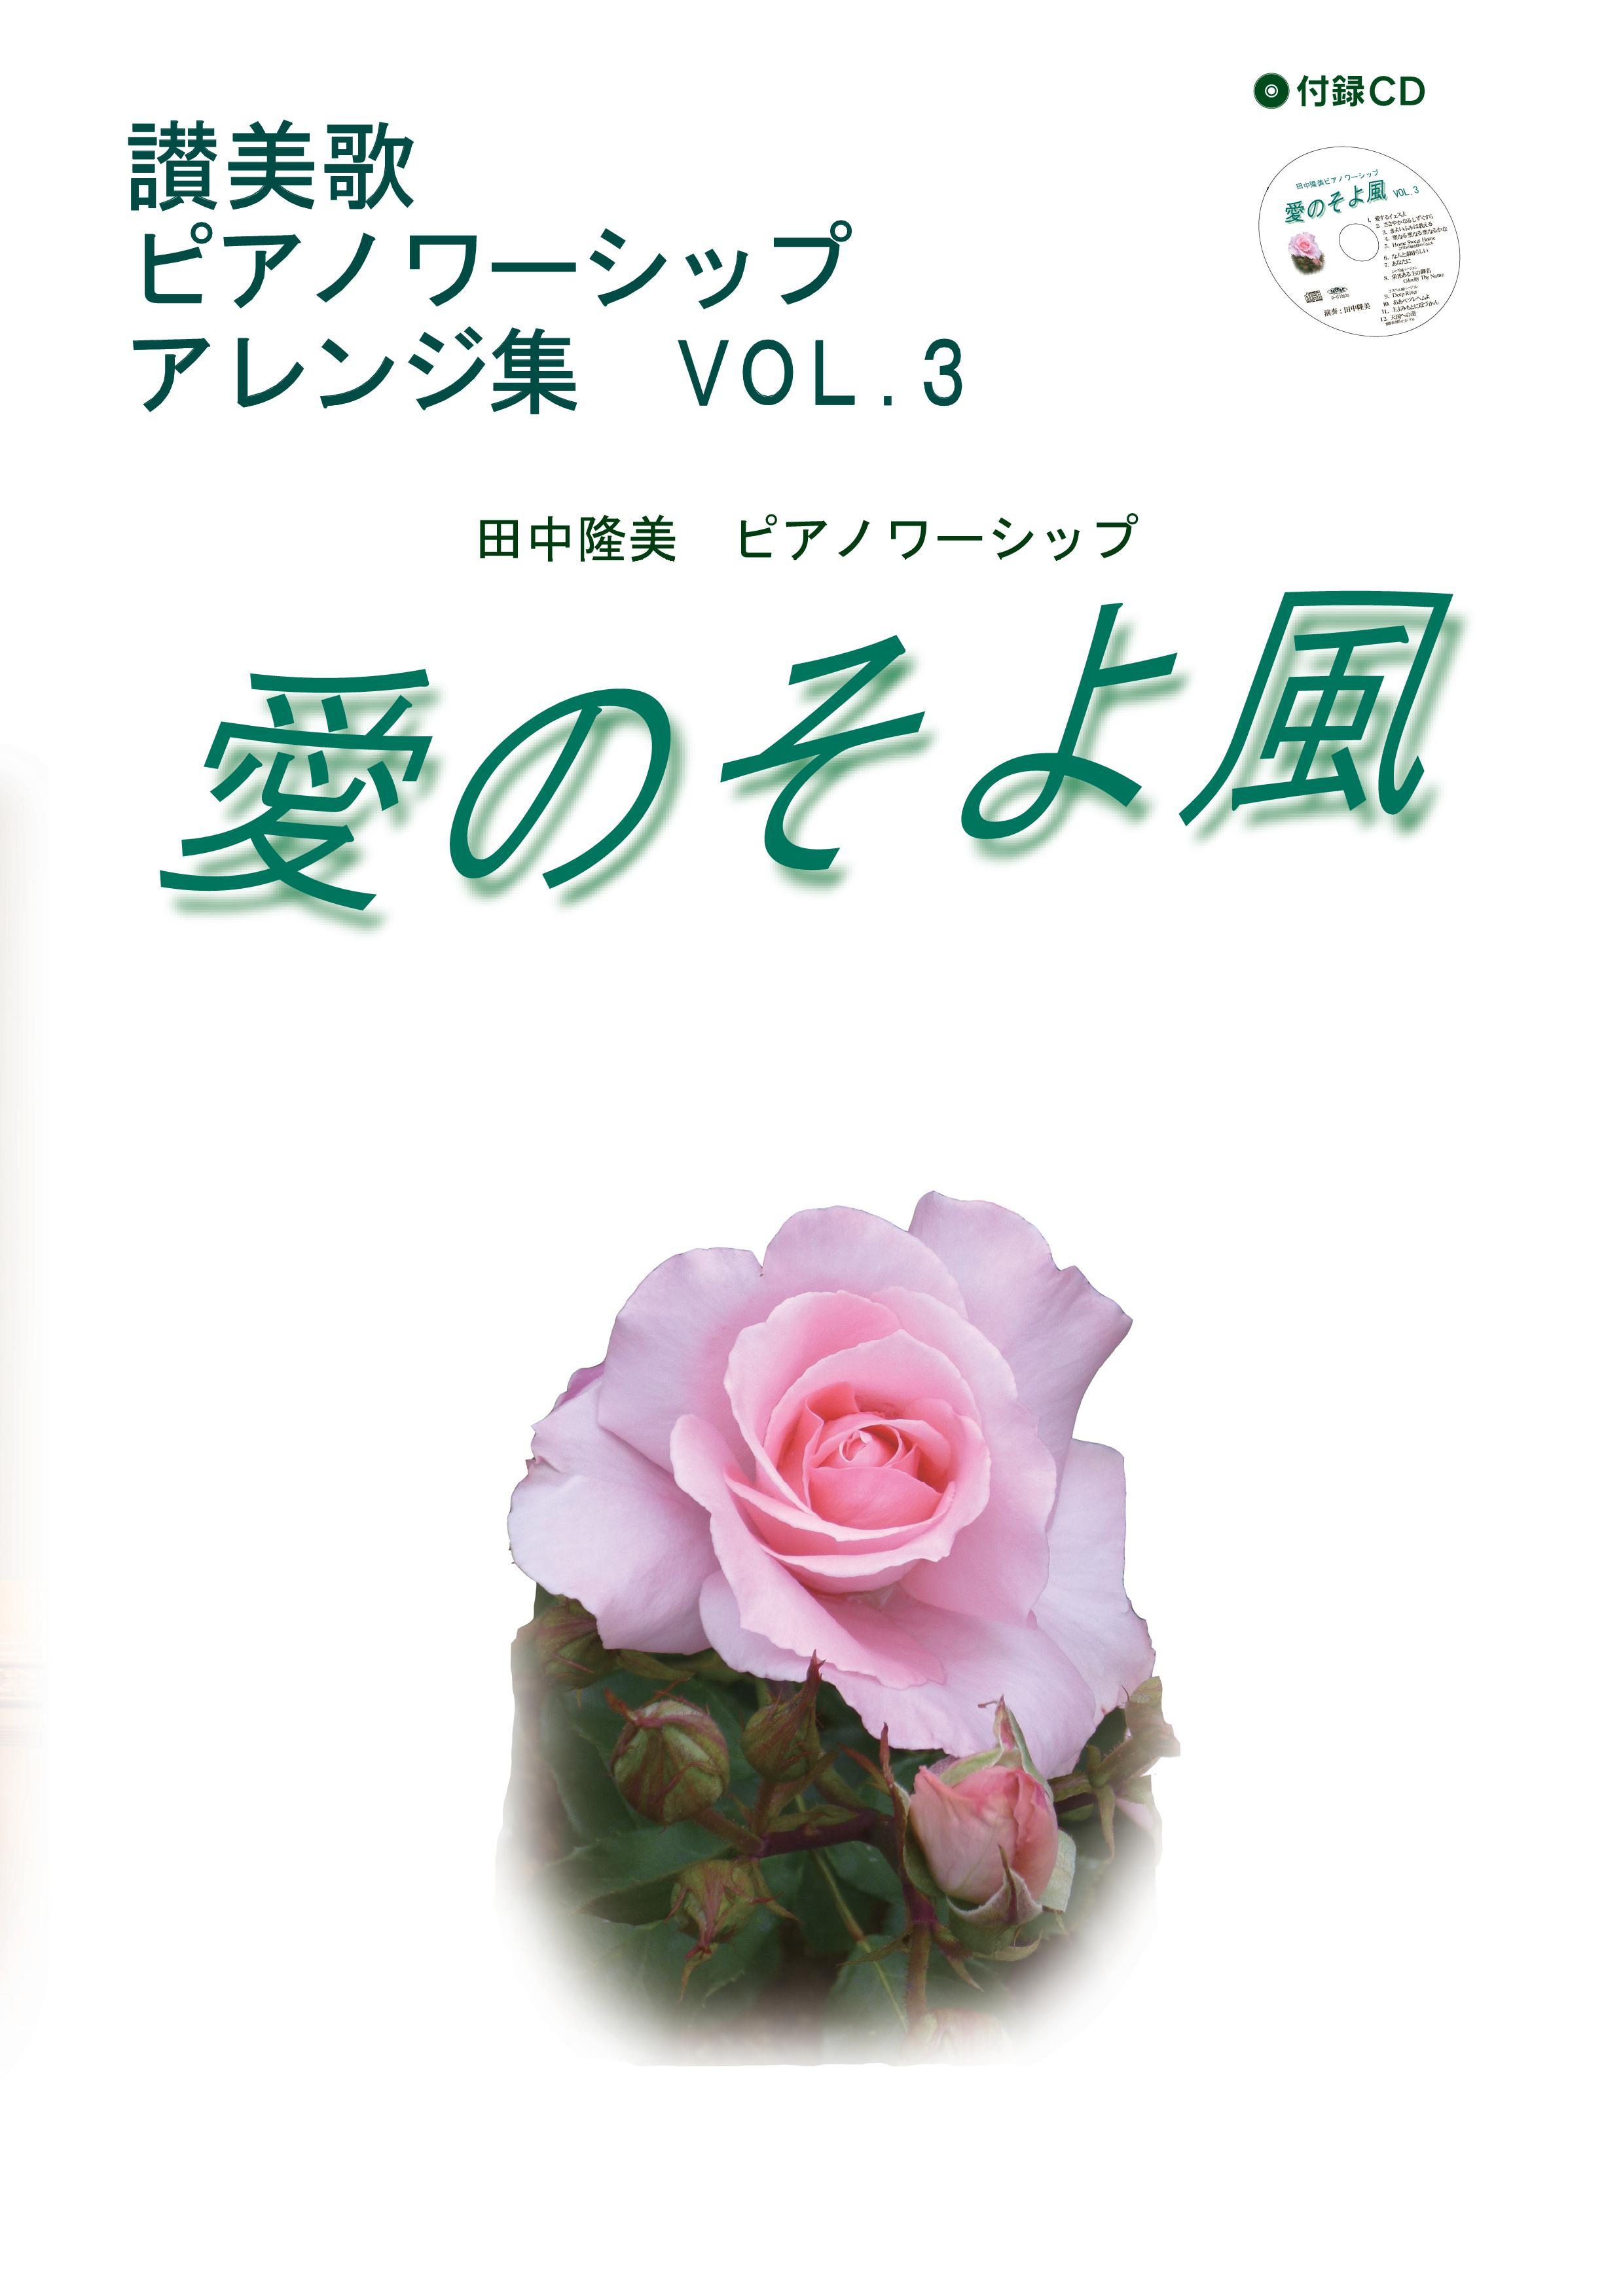 聖歌・讃美歌の編曲集(CD付楽譜)「愛のそよ風vol3」表紙